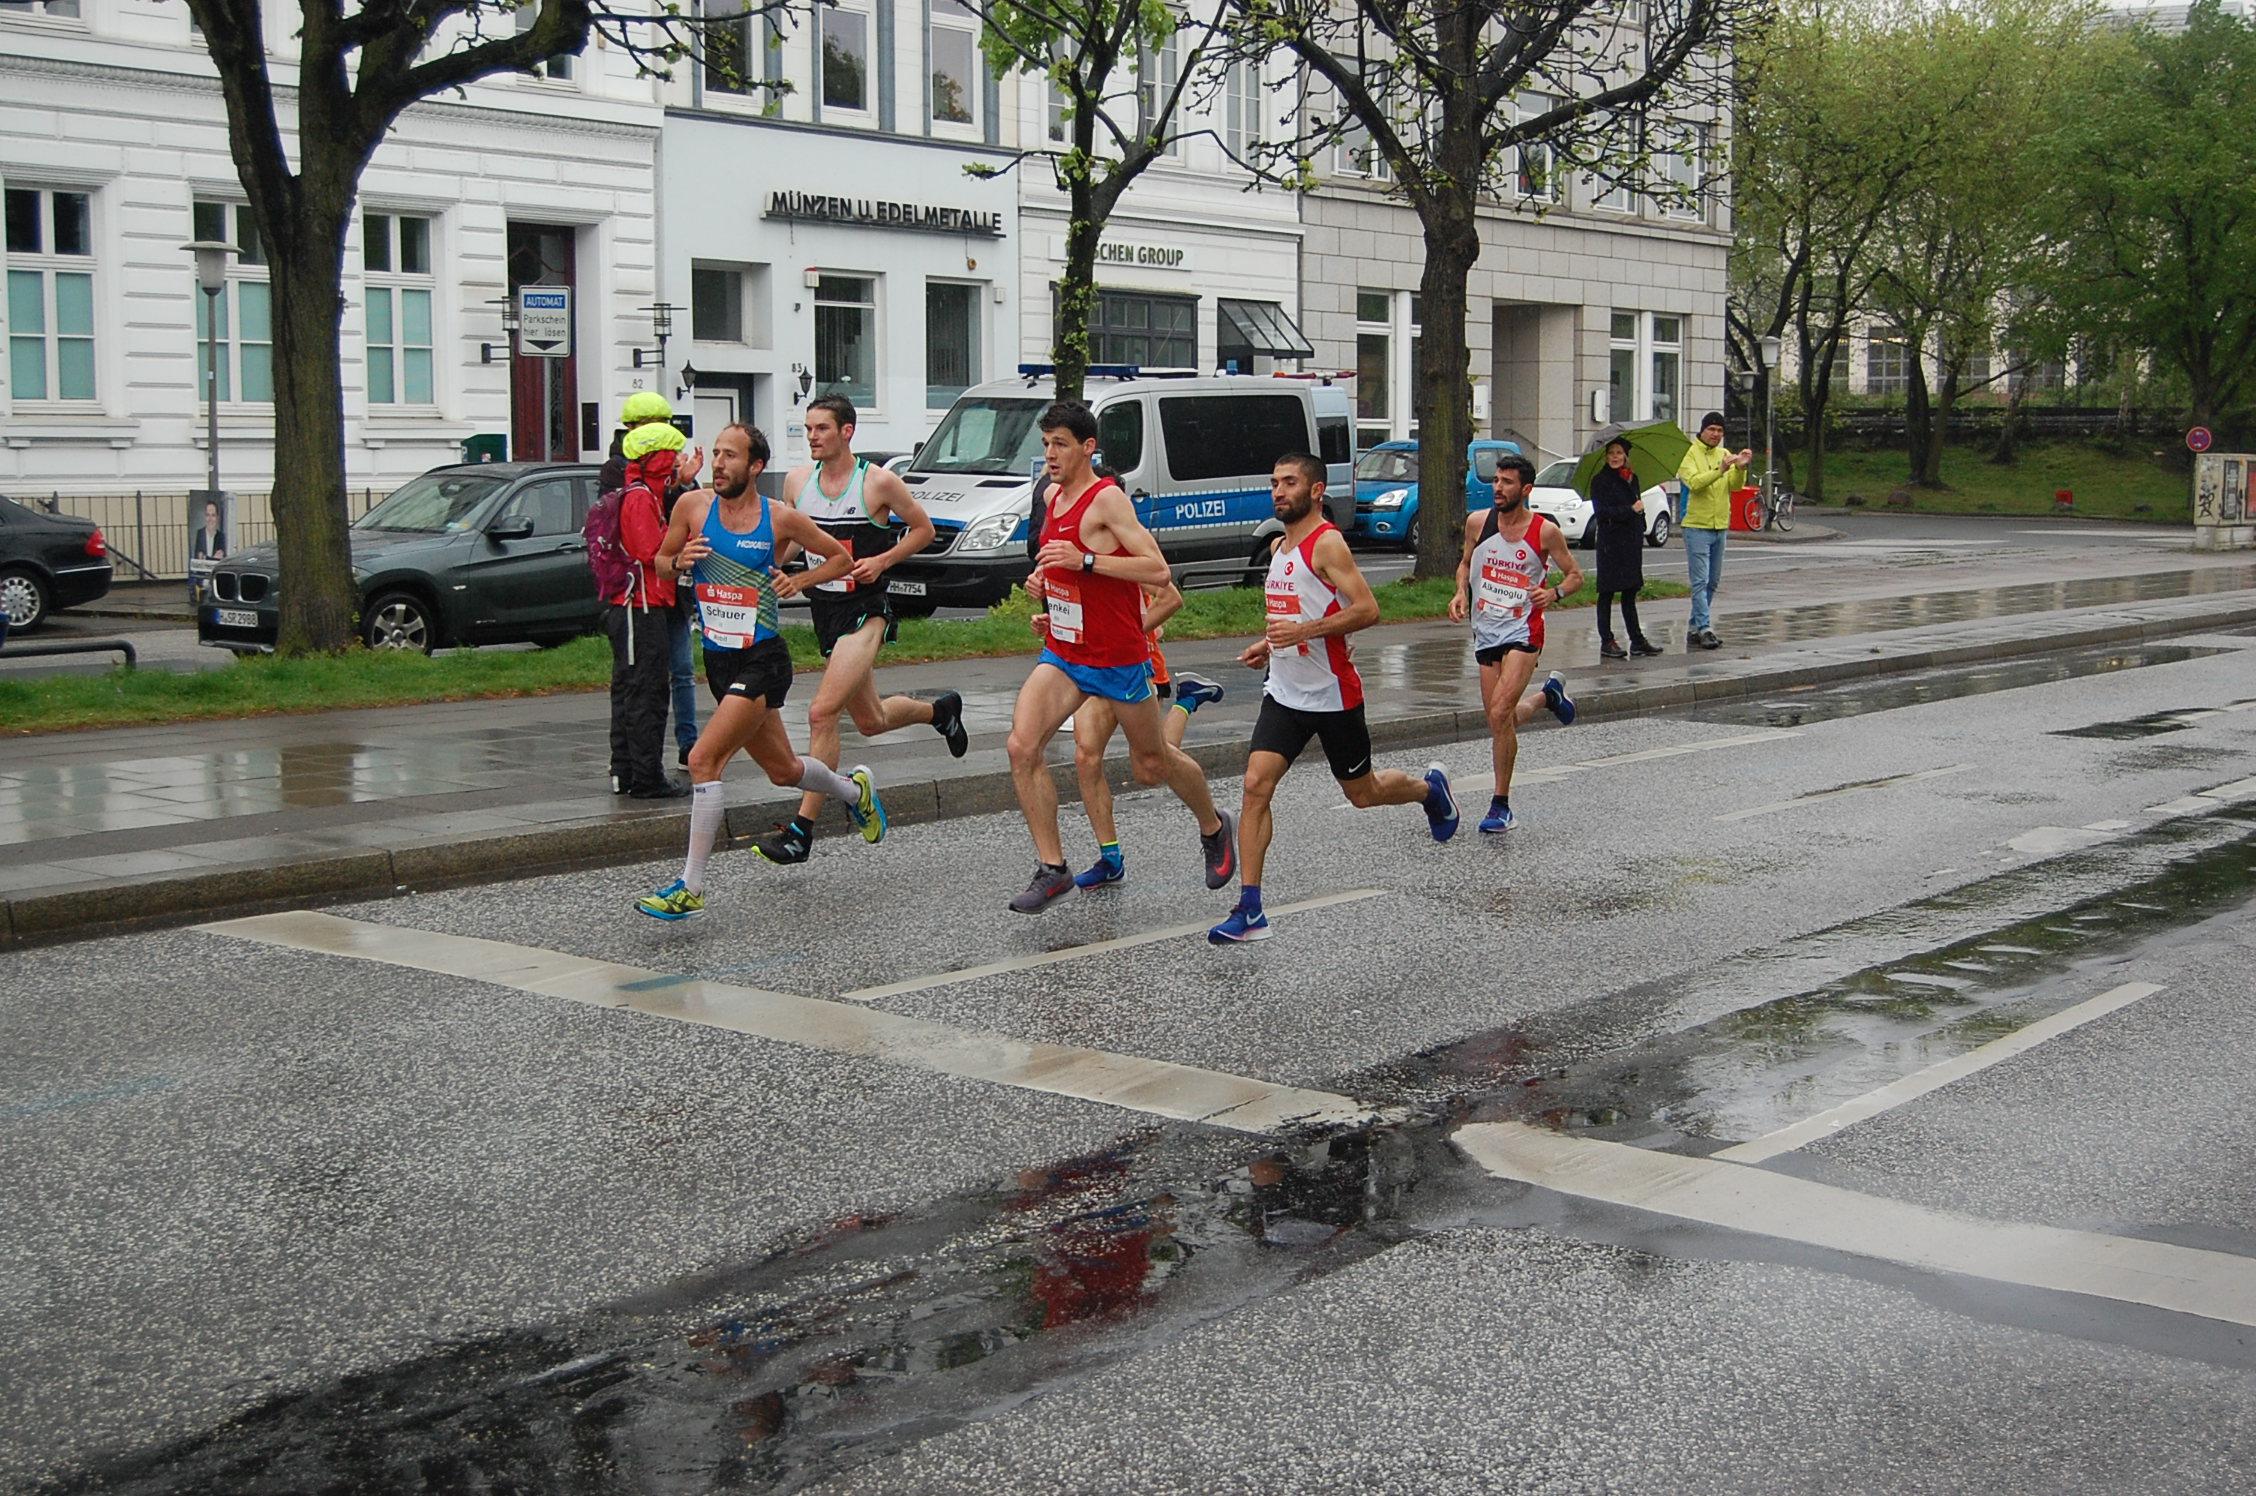 34. Haspa Marathon Hamburg: Hotel Atlantic / km 17 - Spitze bis vor der führenden Frau